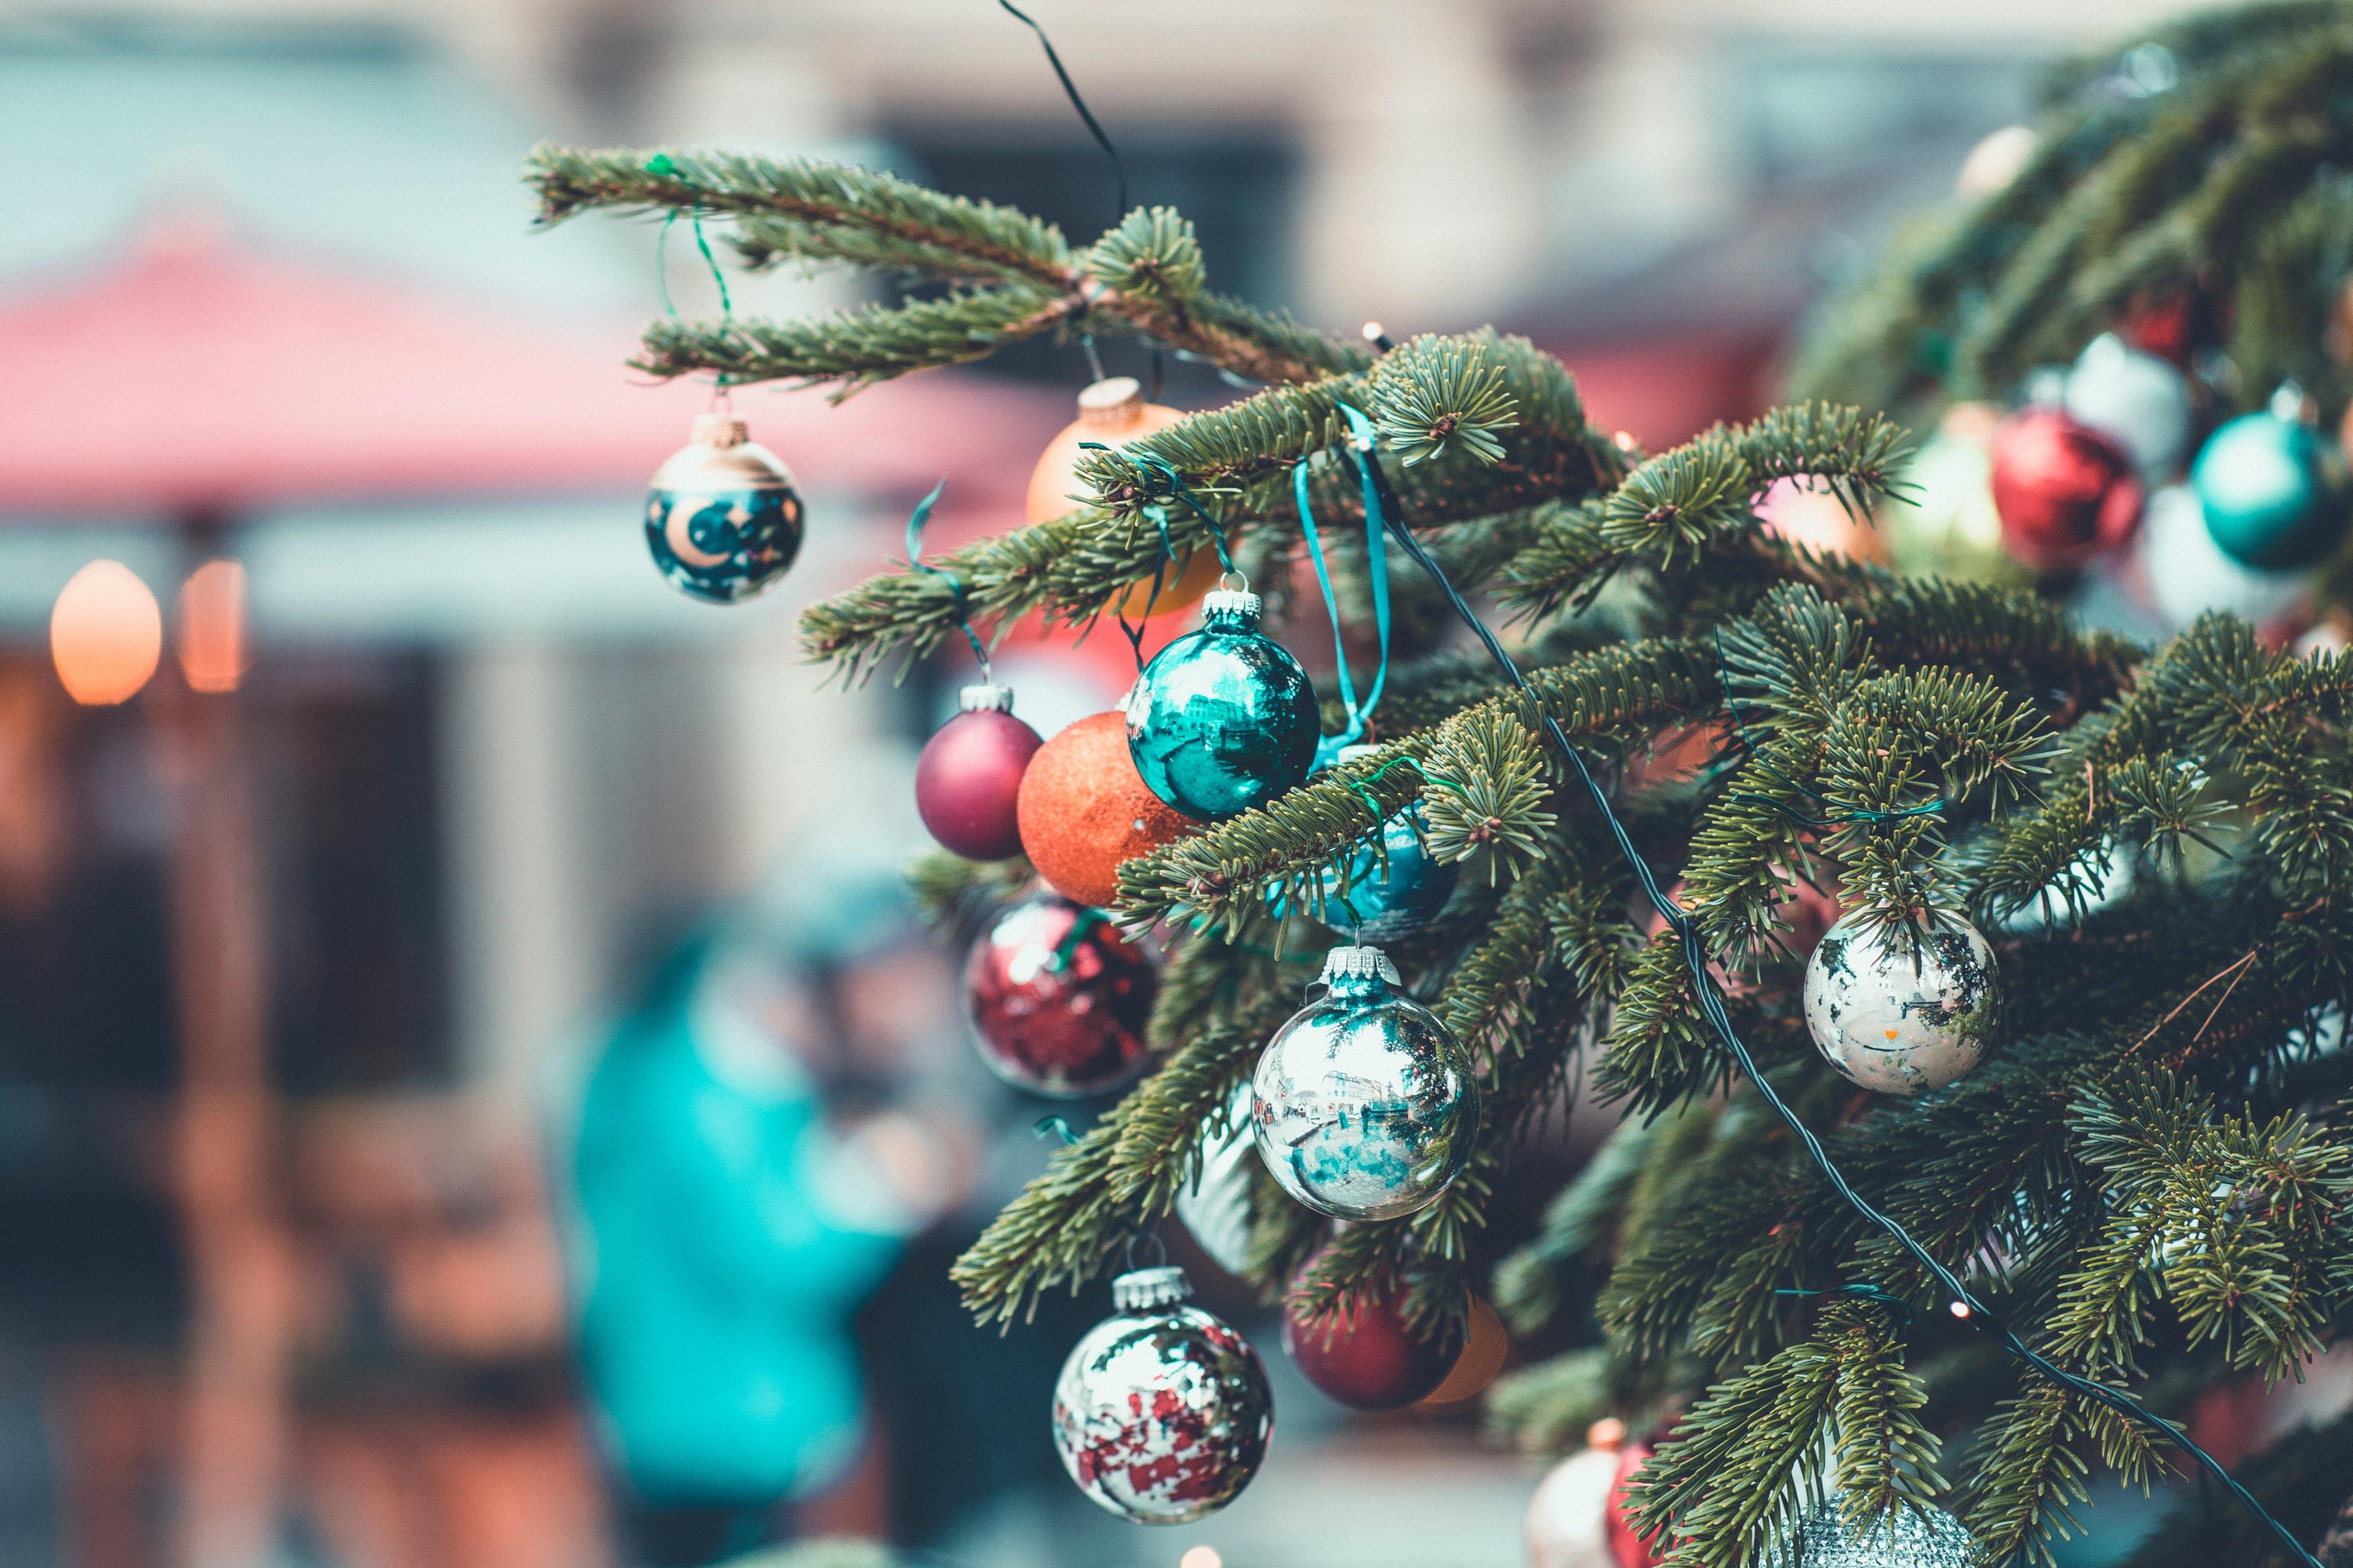 78774 Hintergrundbild herunterladen Feiertage, Weihnachten, Neujahr, Dekoration, Neues Jahr, Weihnachtsbaum, Bälle - Bildschirmschoner und Bilder kostenlos